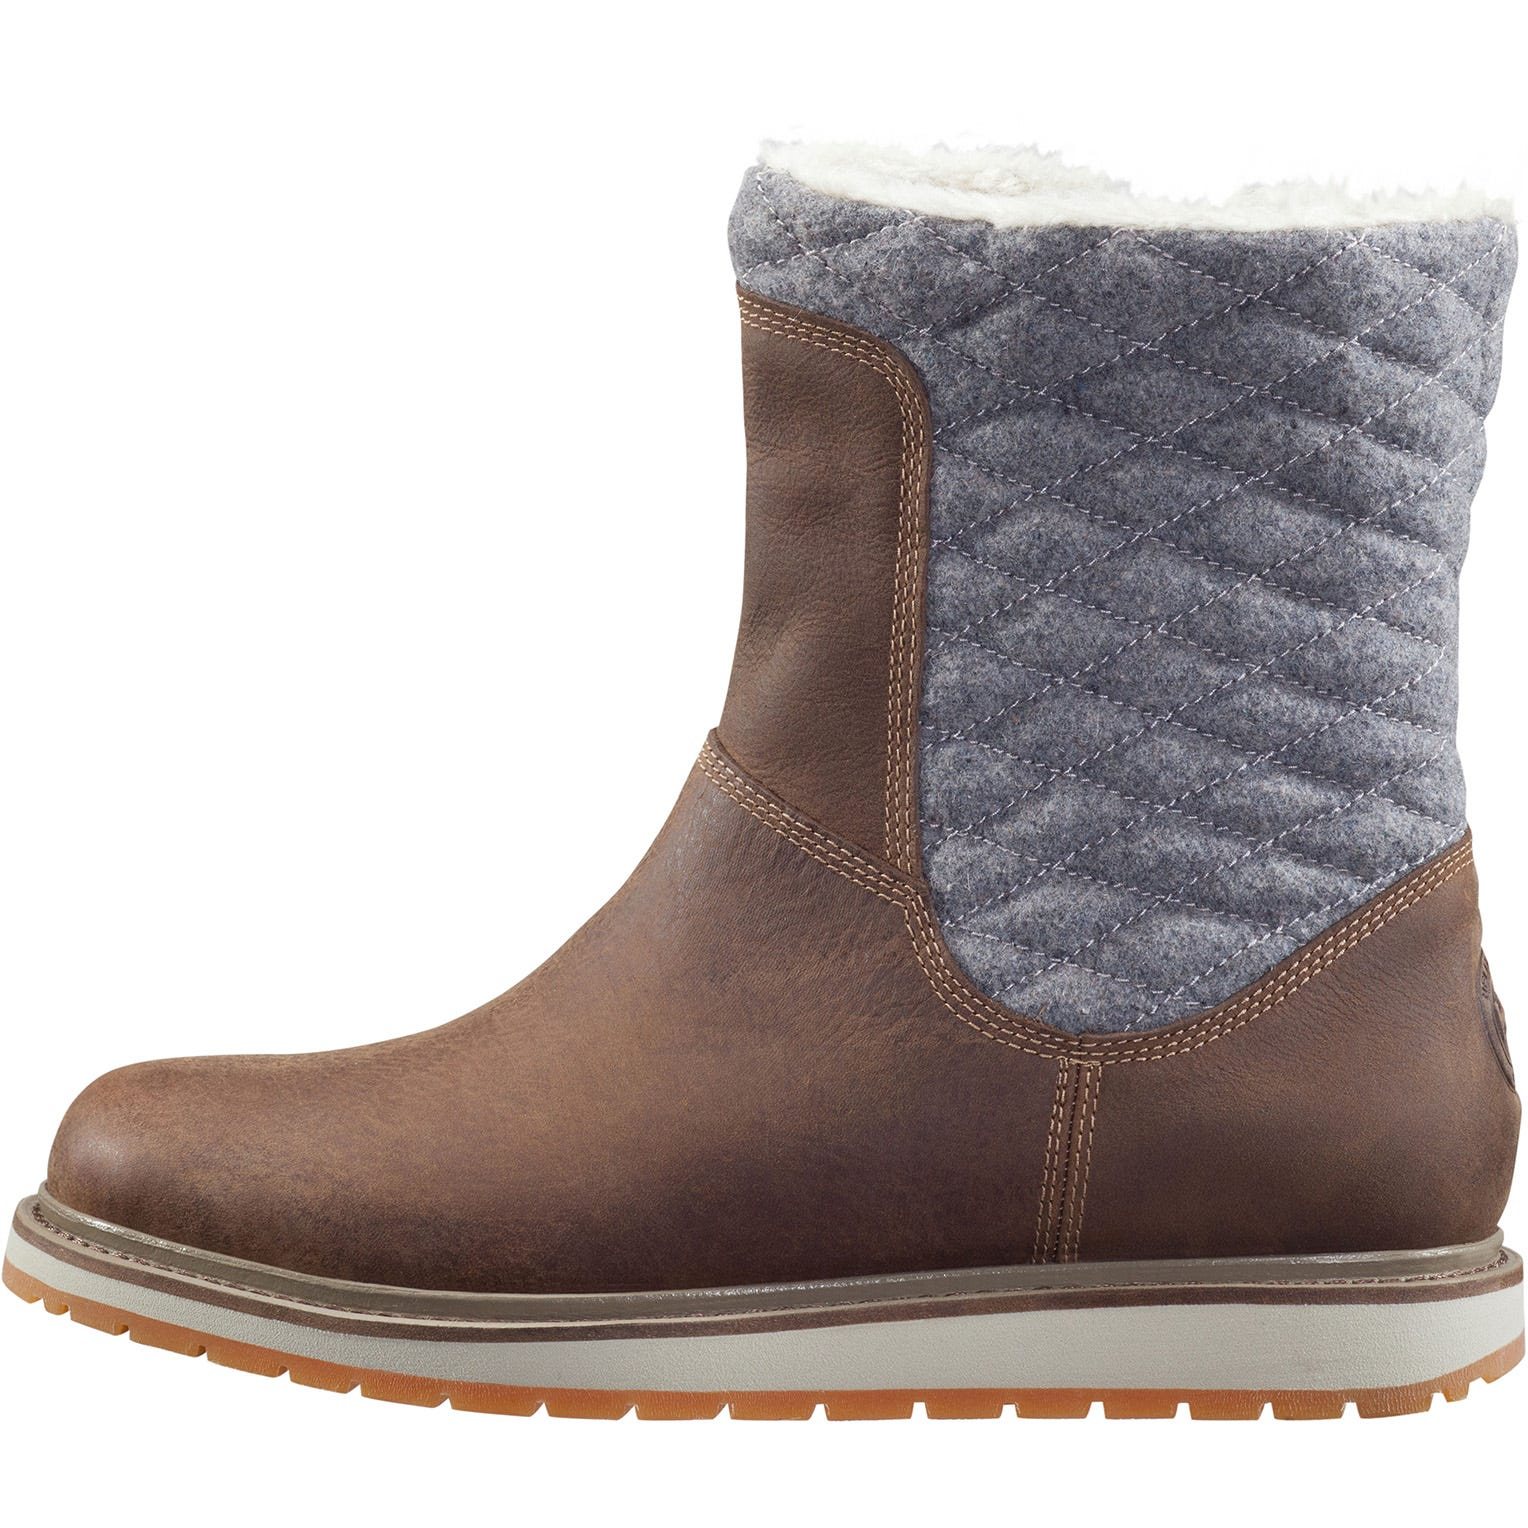 KOMFY BOOTS™ Extrem Bequeme Und Warme 2 in 1 Schuhe Mit